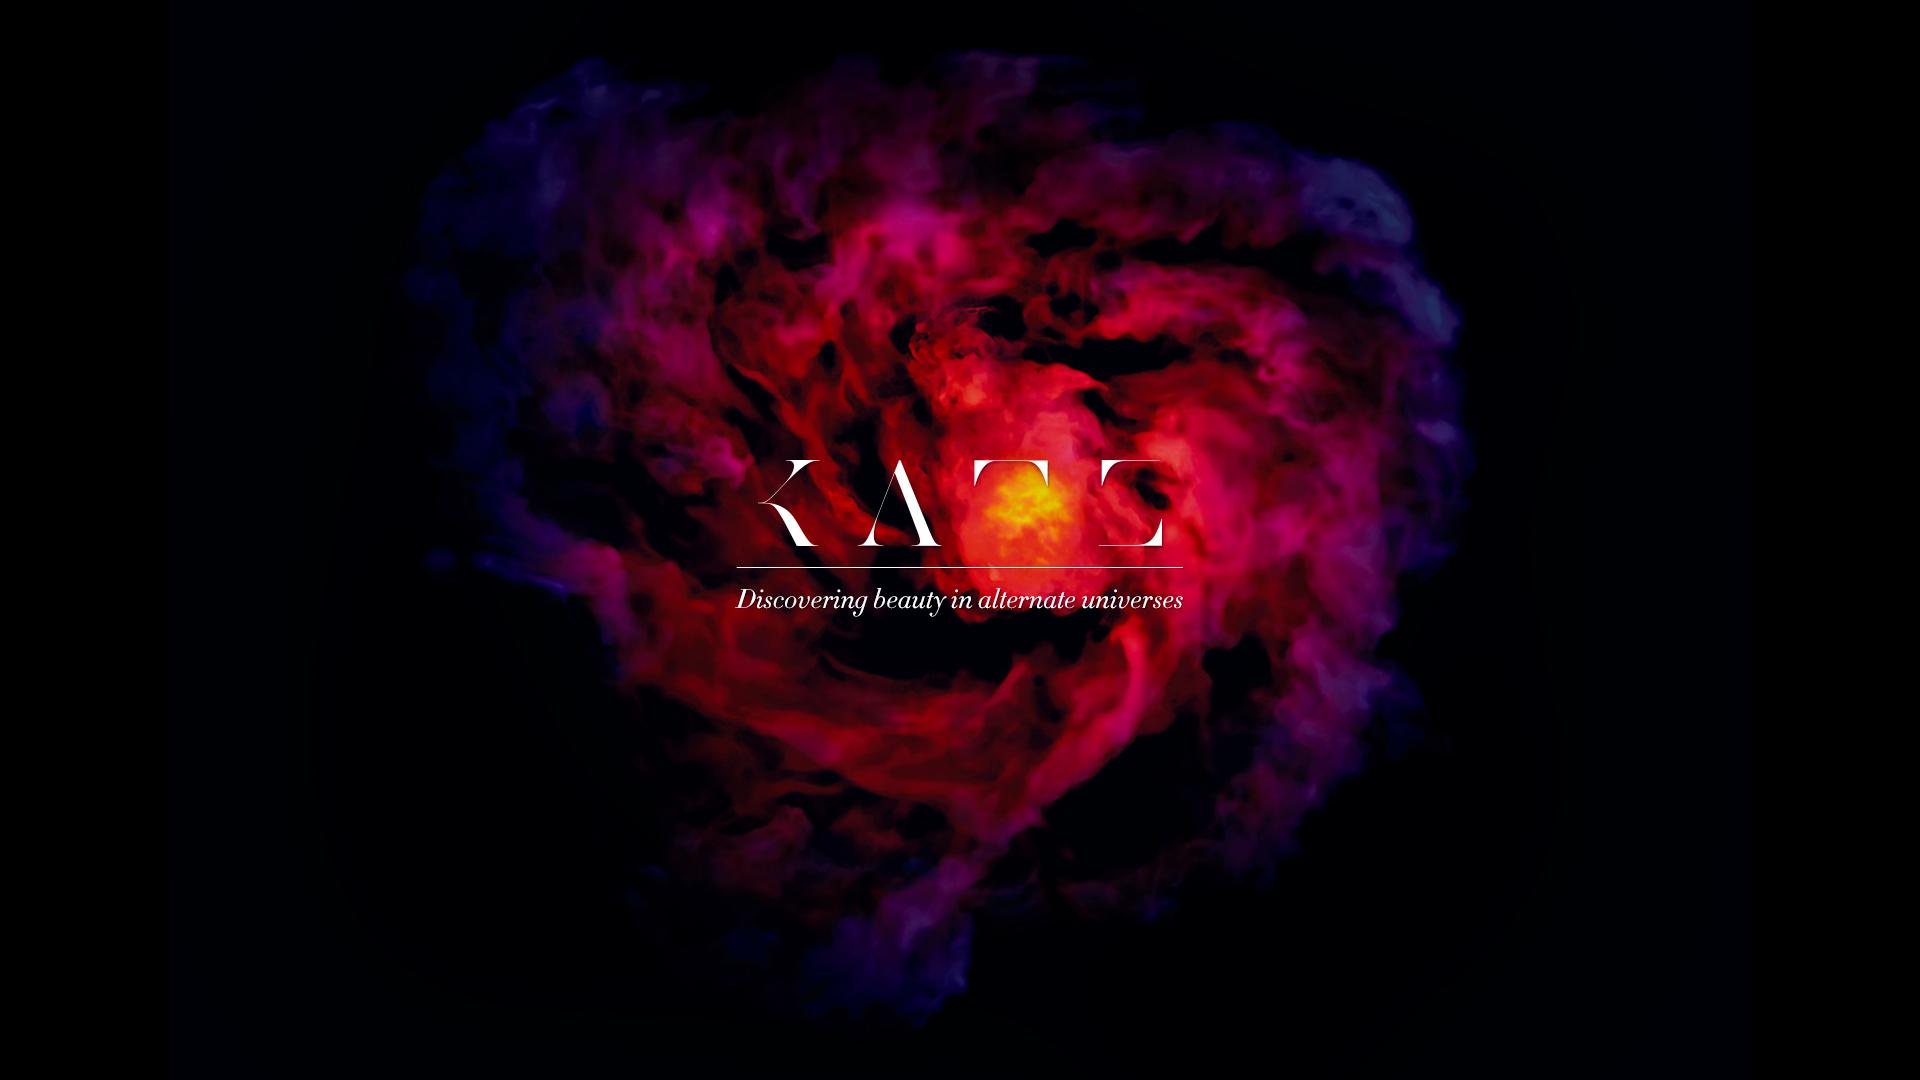 Isaac Katz Website Design Preview